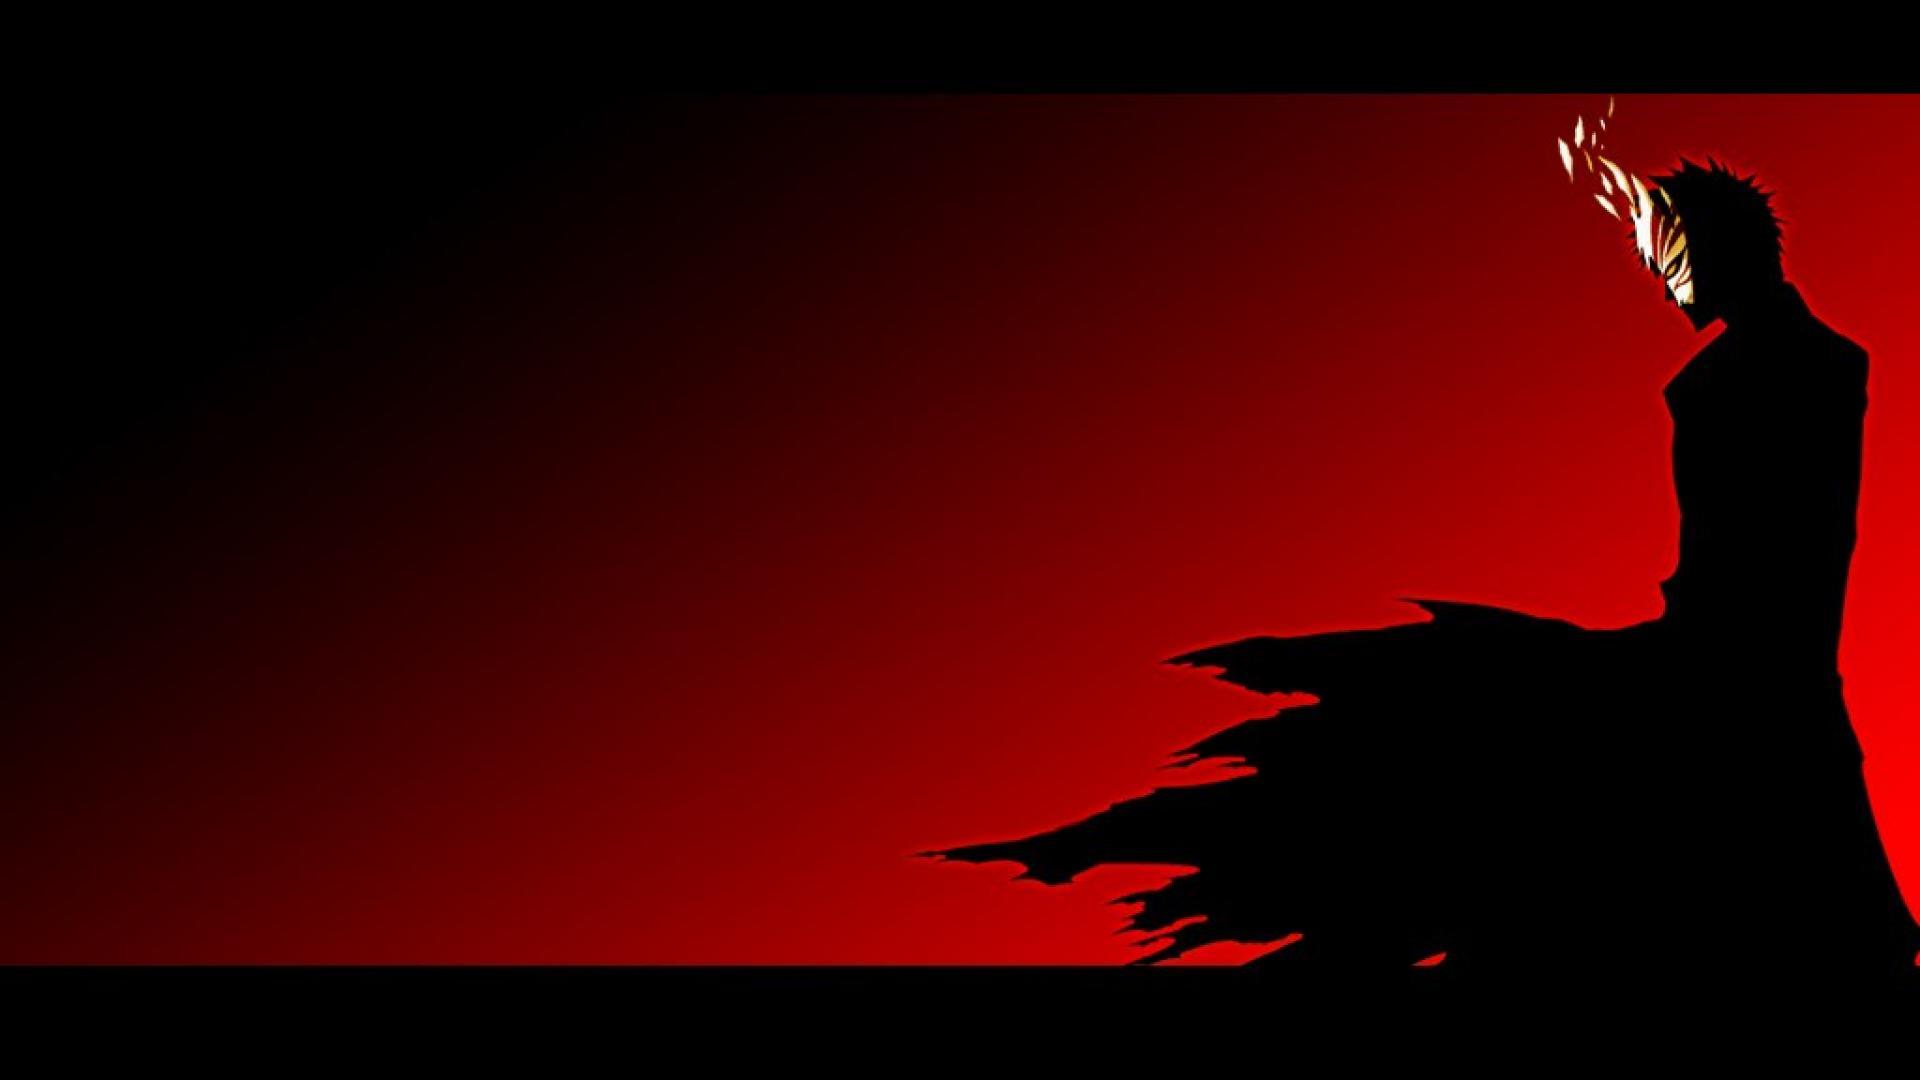 Hd wallpaper red and black - Bleach Ichigo Abstract Art Red And Black Hd Wallpaper 5768 Hq